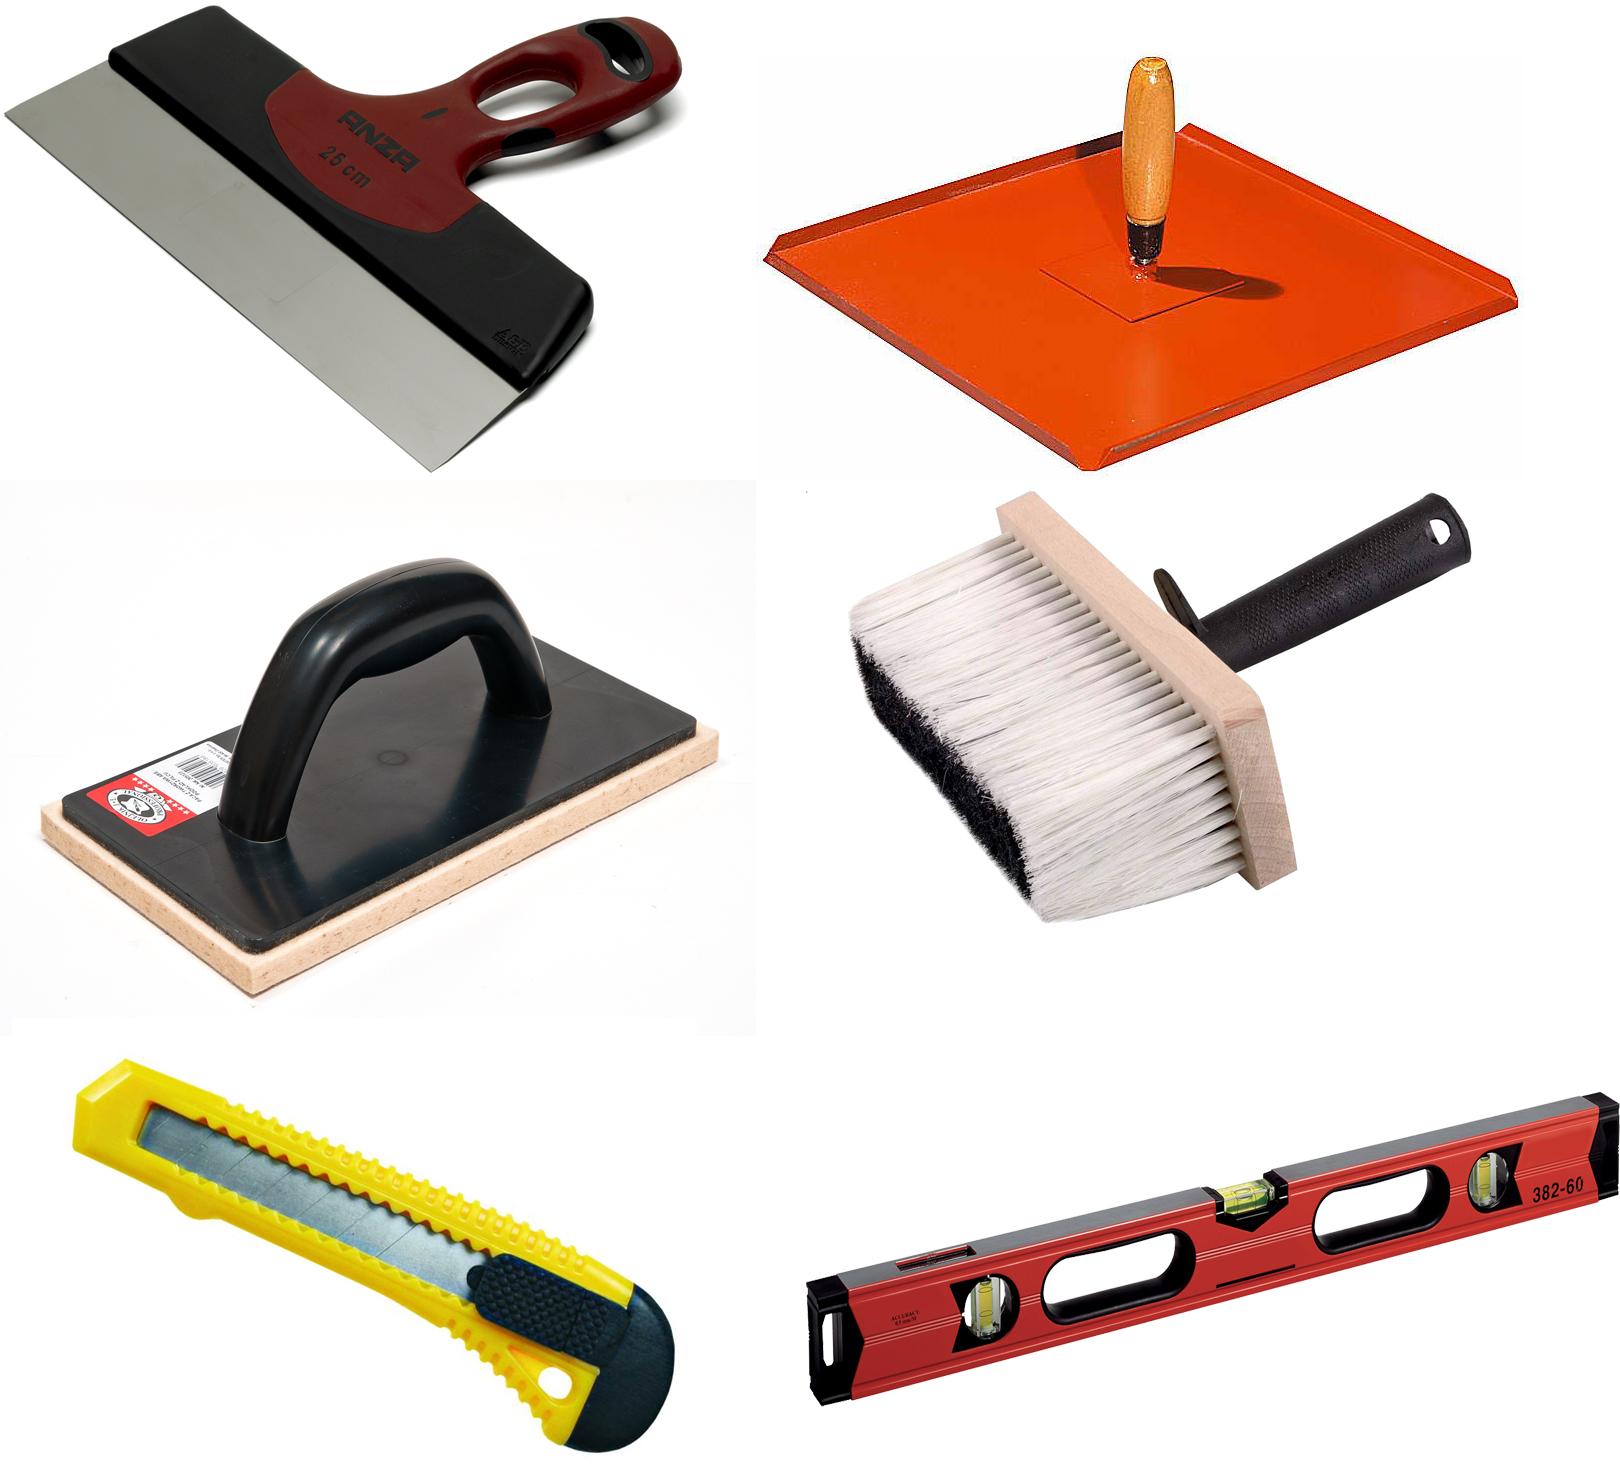 Для заделывания трещины между бетонными плитами пригодятся такие инструменты